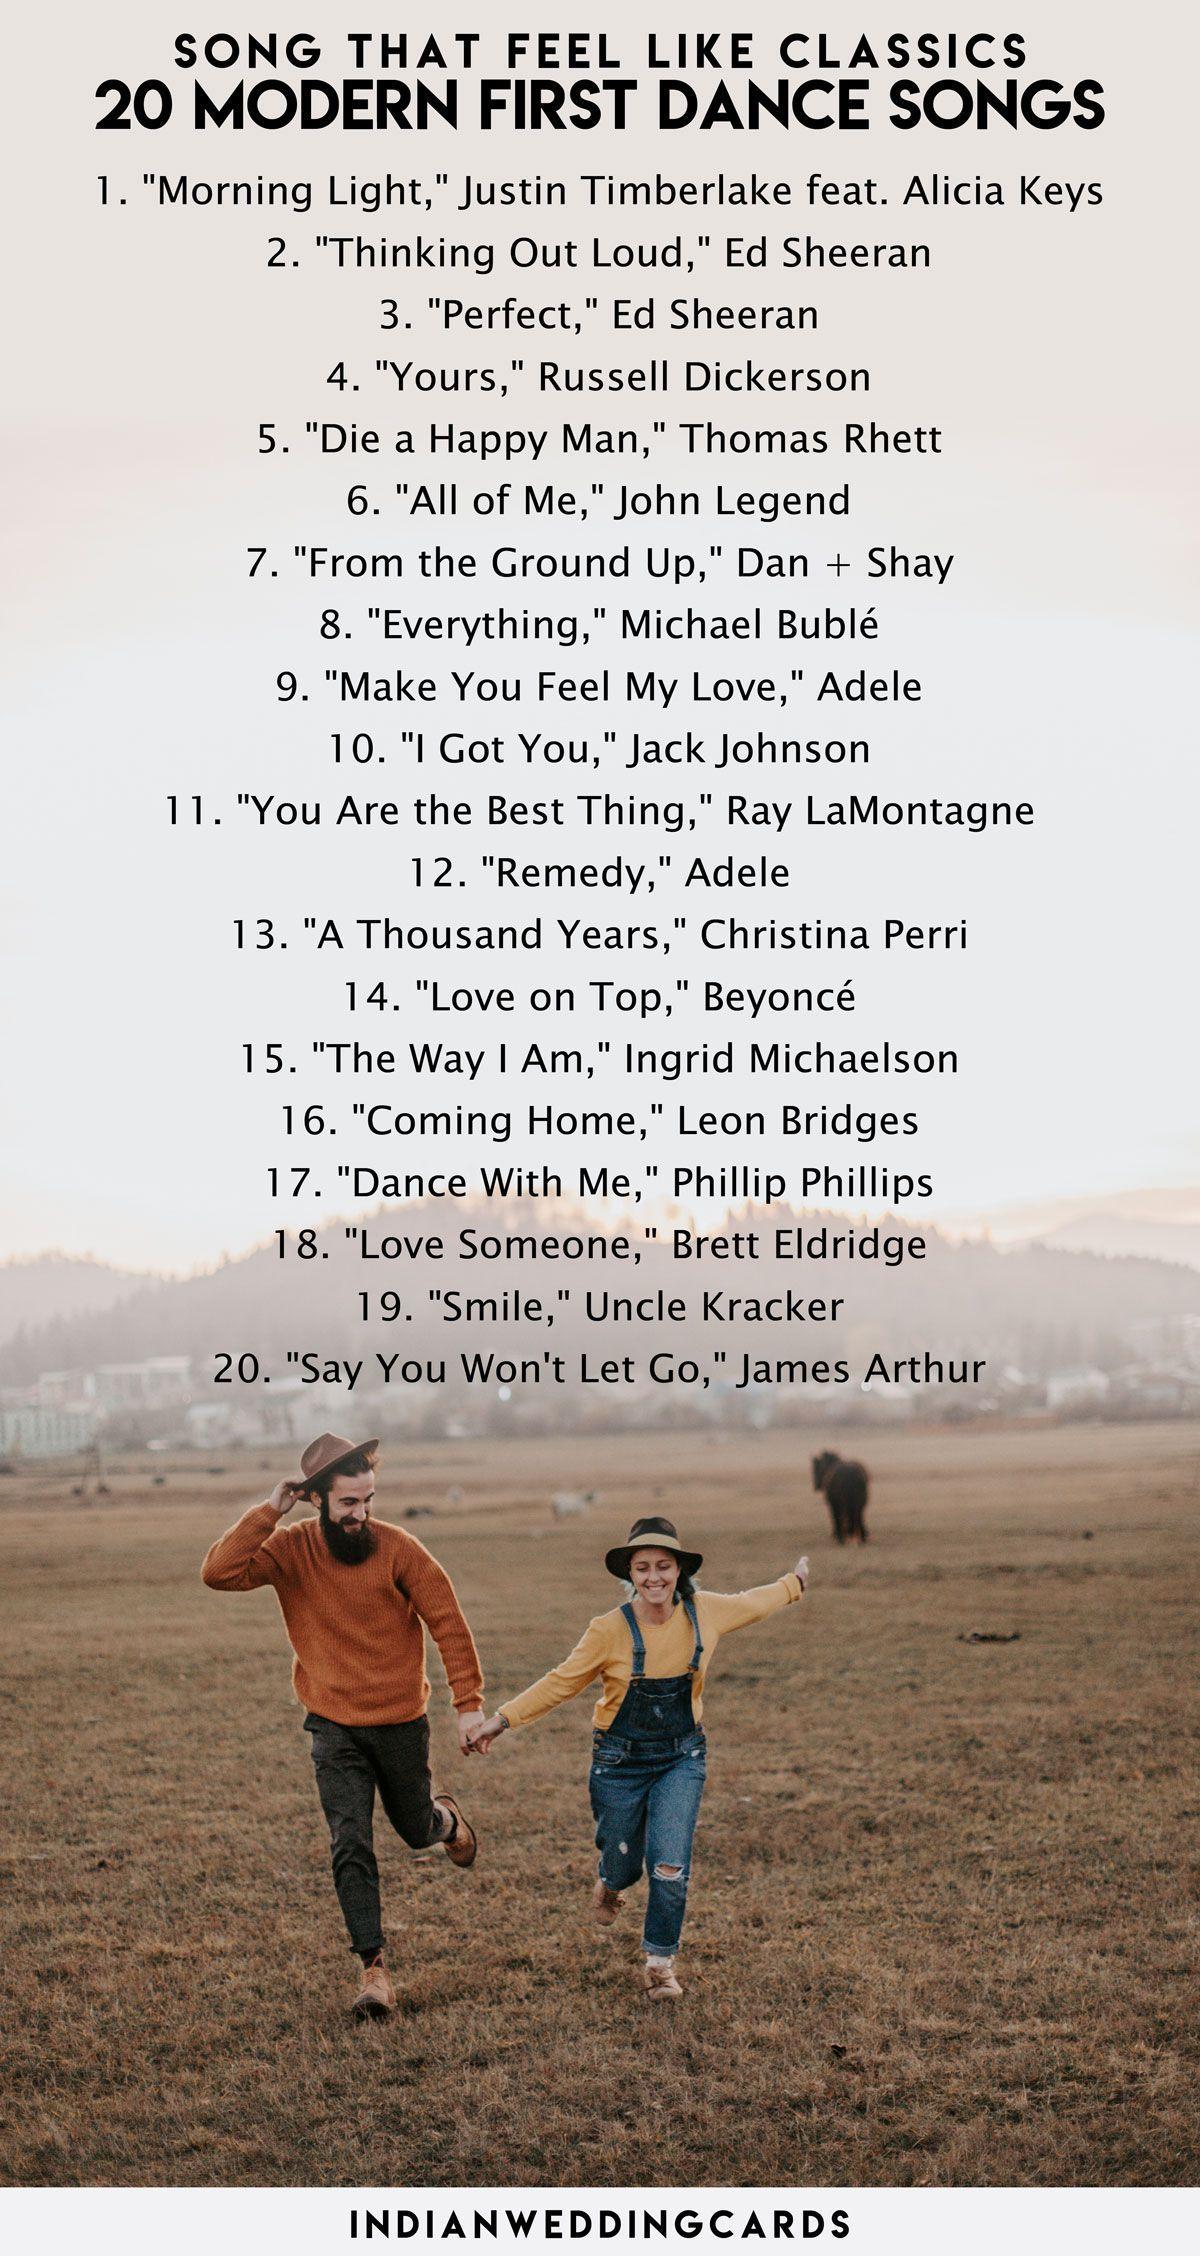 8 Mind Blowing Hochzeit Budget Ideen In 2020 Modern First Dance Songs Best Wedding Songs First Dance Songs